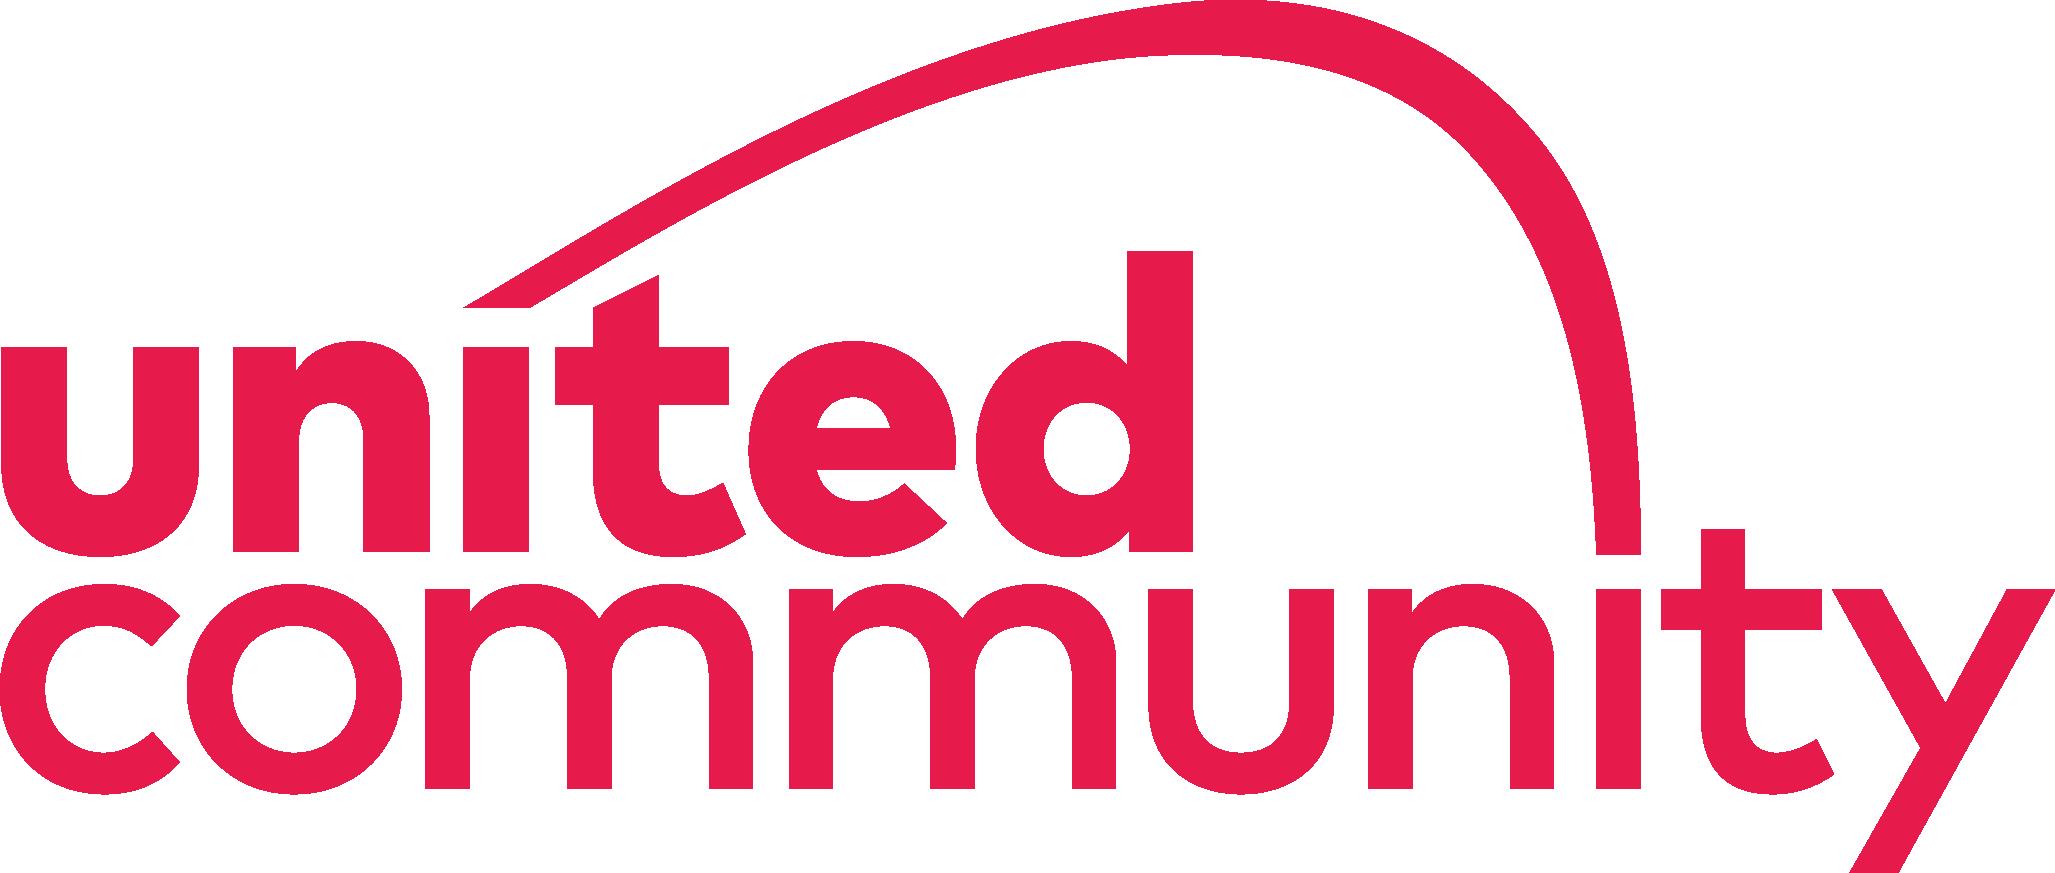 majorbehavior-ucm-rebrand-logo.png